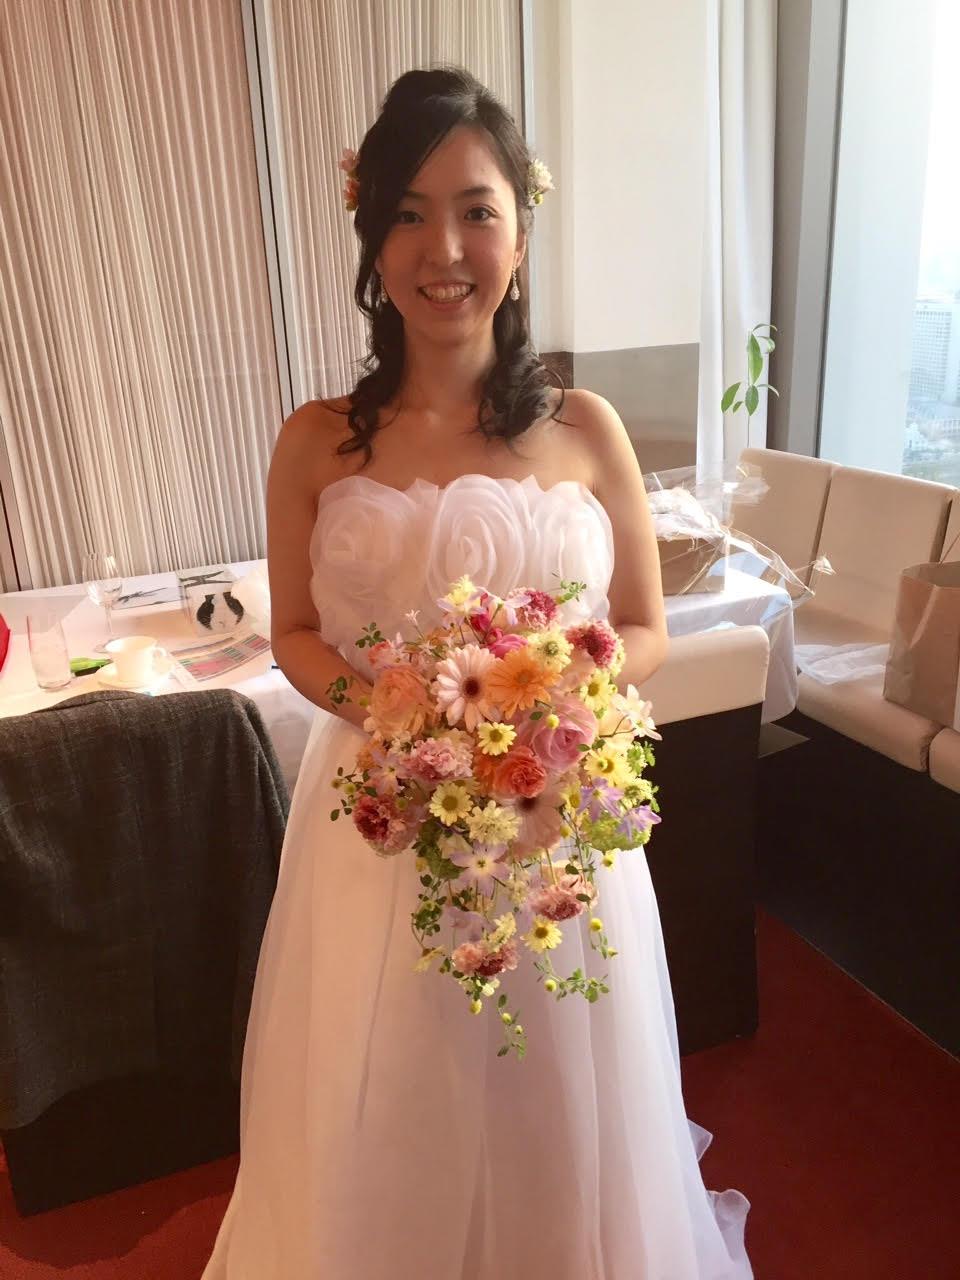 新郎新婦様からのメール 春の装花と春のブーケ サンス・エ・サヴール様へ_a0042928_22335667.jpg